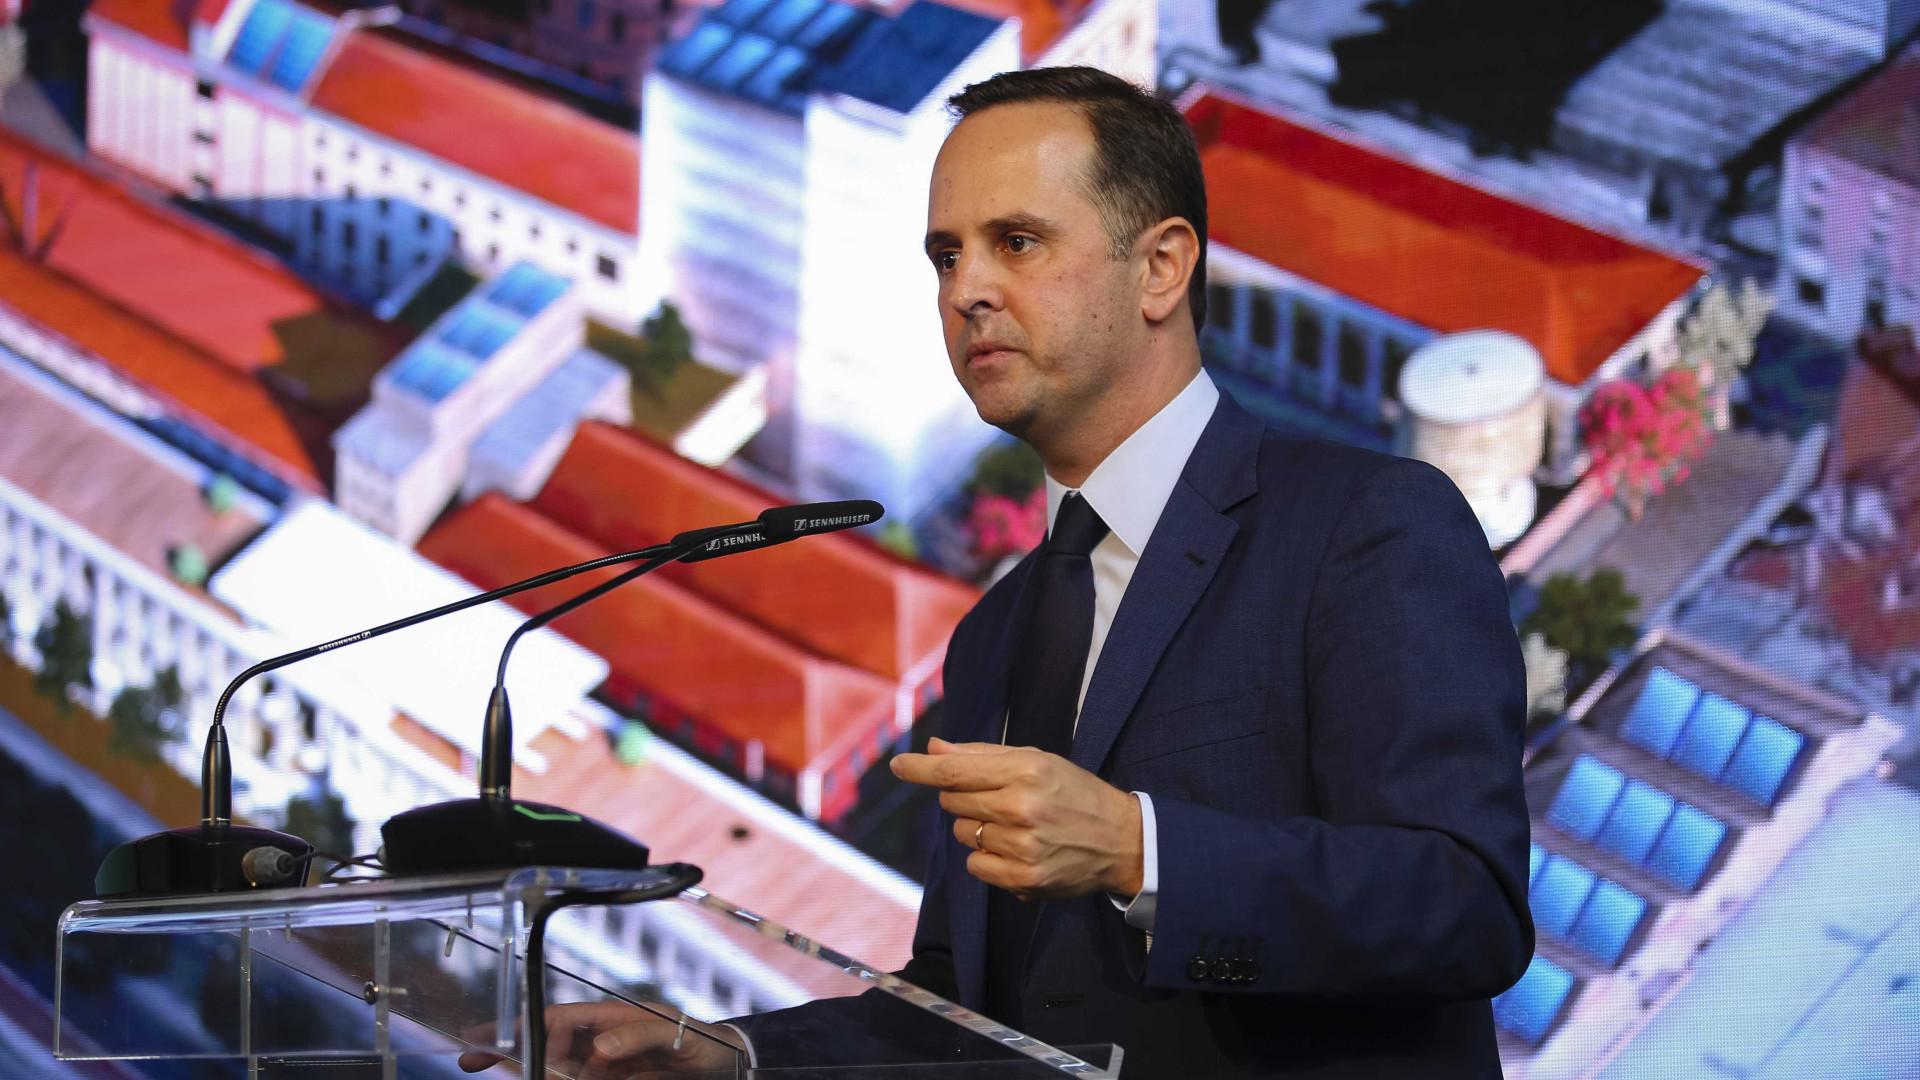 Medina quer aproveitar Brexit e fixar escritórios de empresas em Lisboa